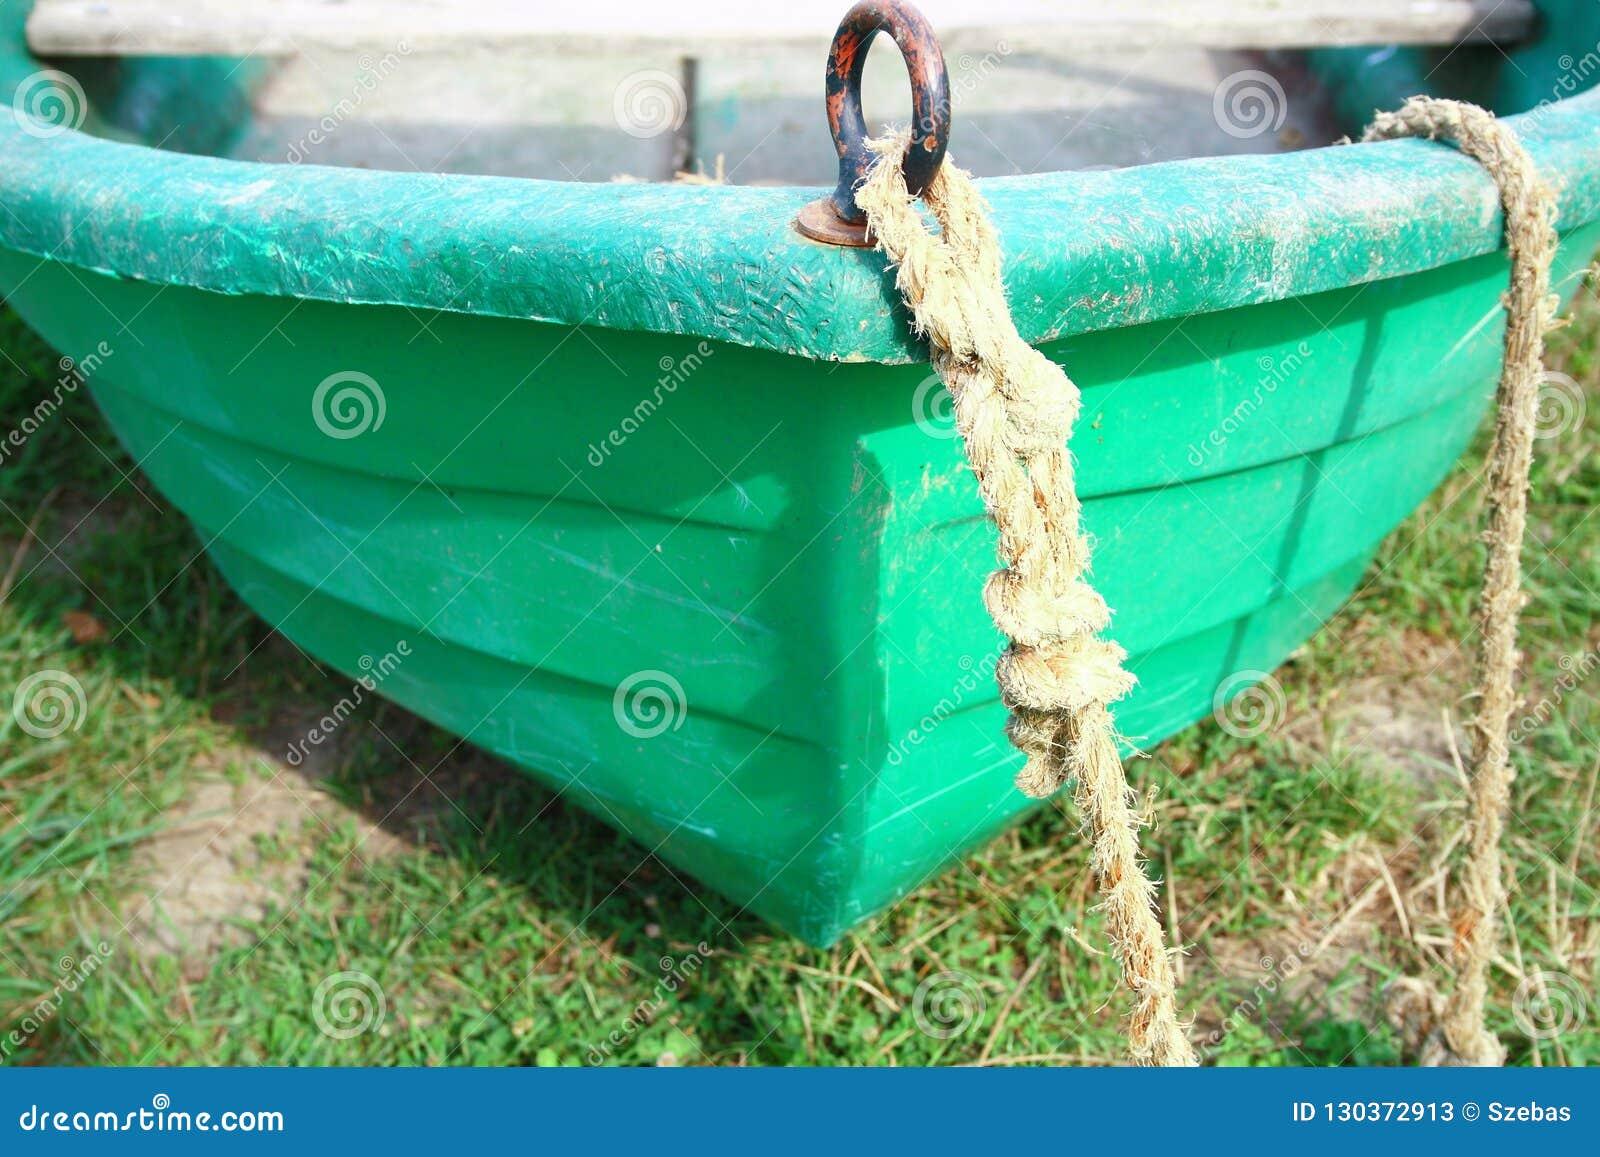 Detalle de la nariz del barco de la fibra de vidrio